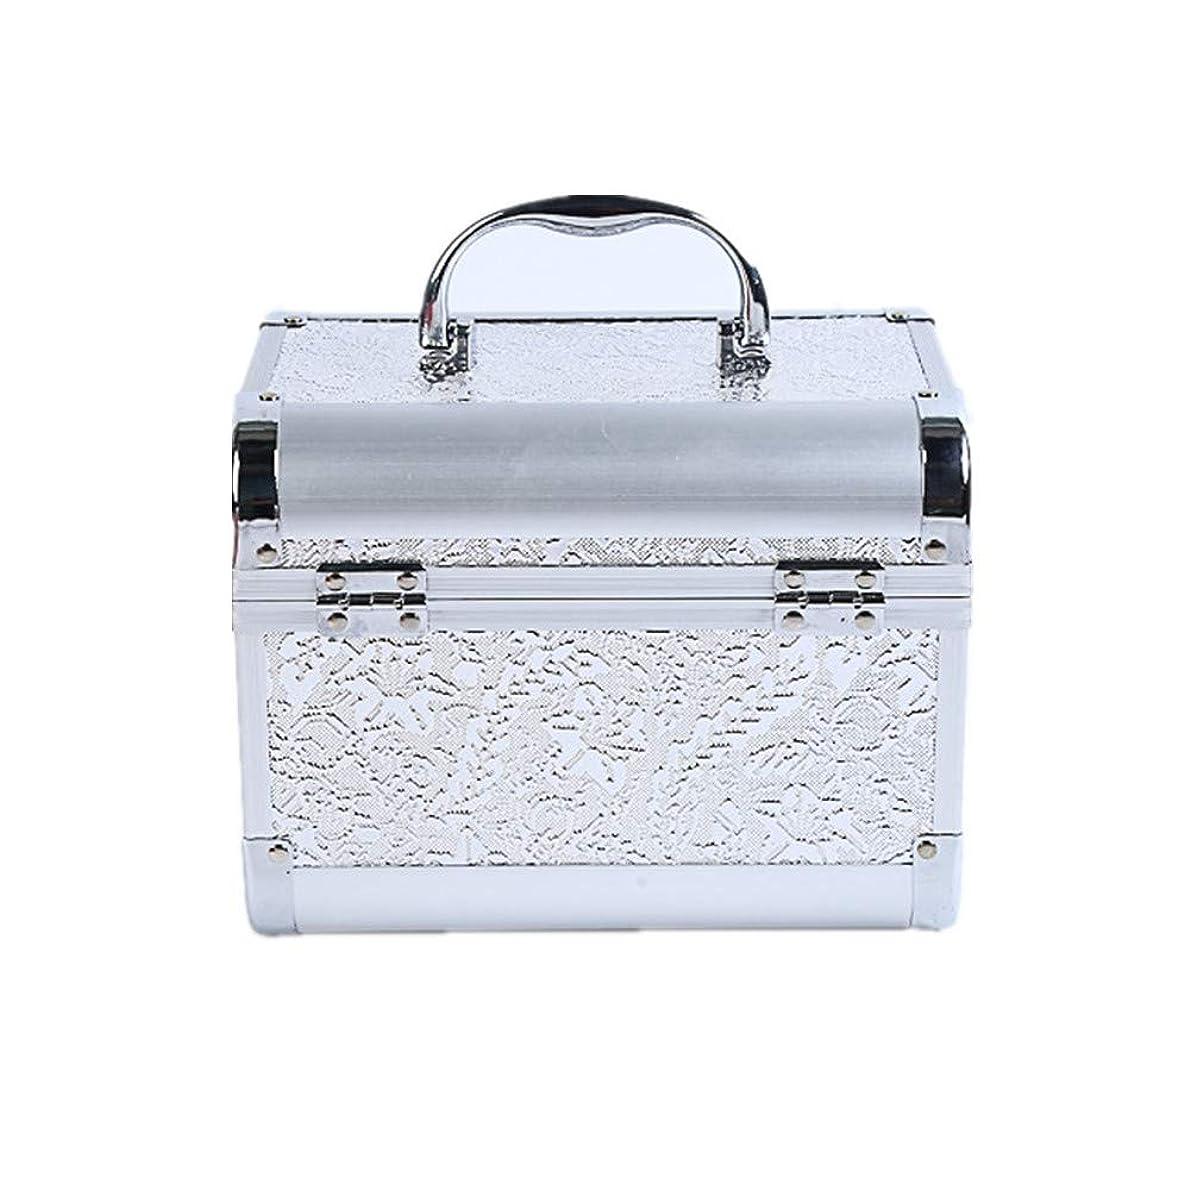 ピンスマッシュはず化粧オーガナイザーバッグ コード化されたロックと化粧鏡で小さなものの種類の旅行のための美容メイクアップのための白い化粧ケース 化粧品ケース